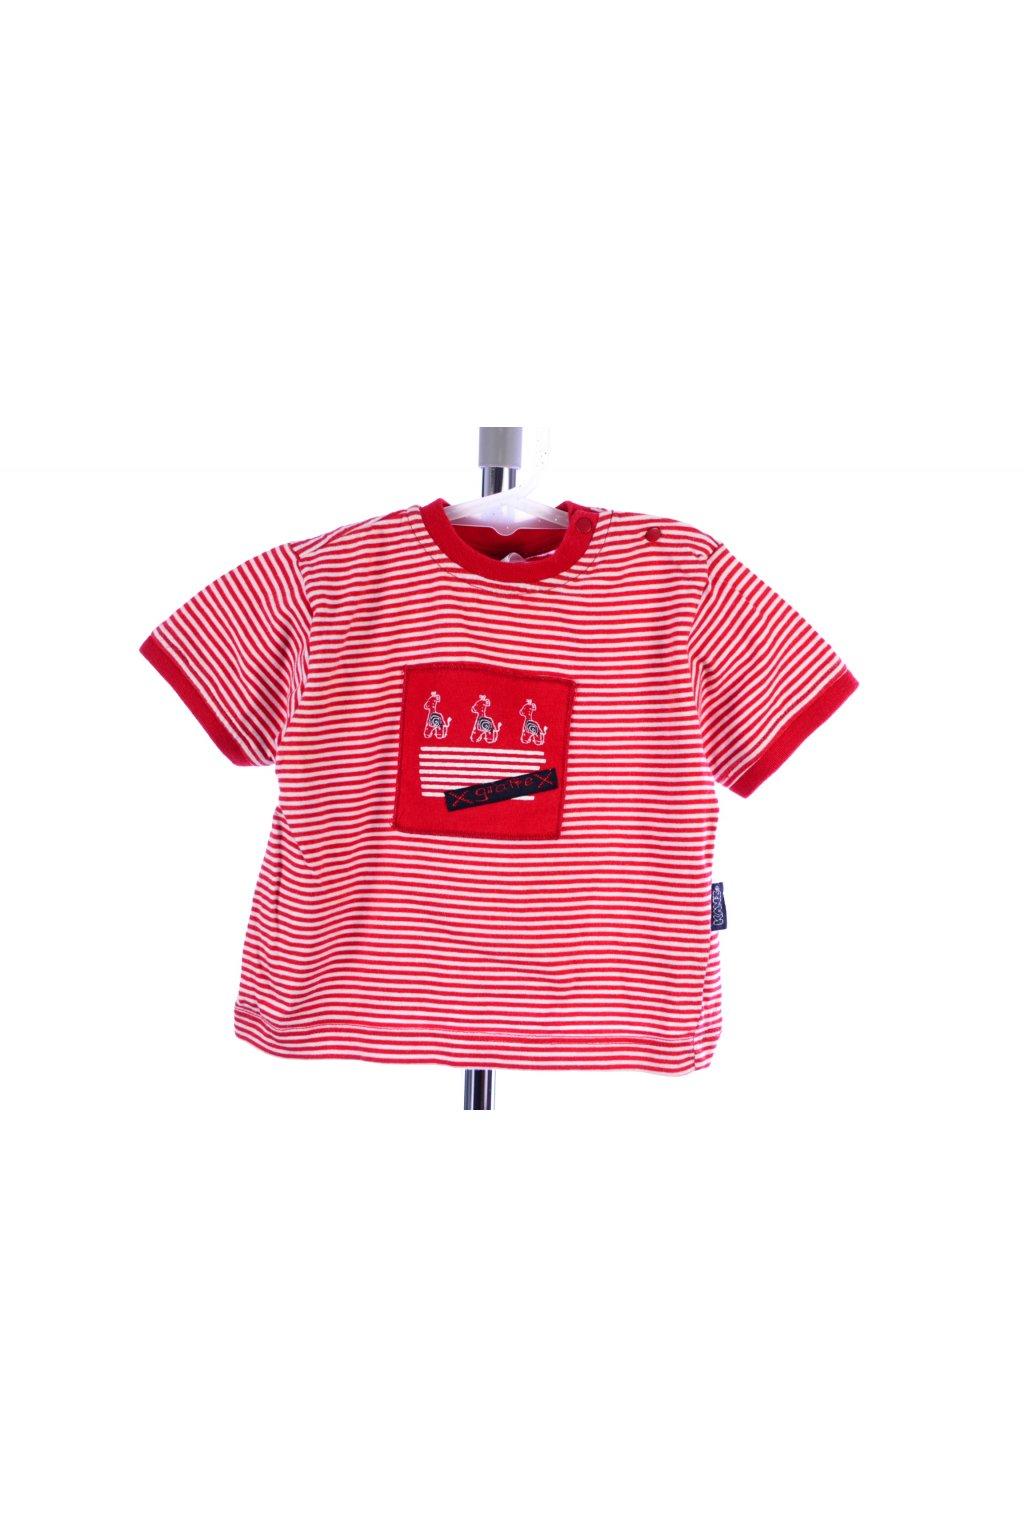 Tričko Kanz vel 62 červené pruh